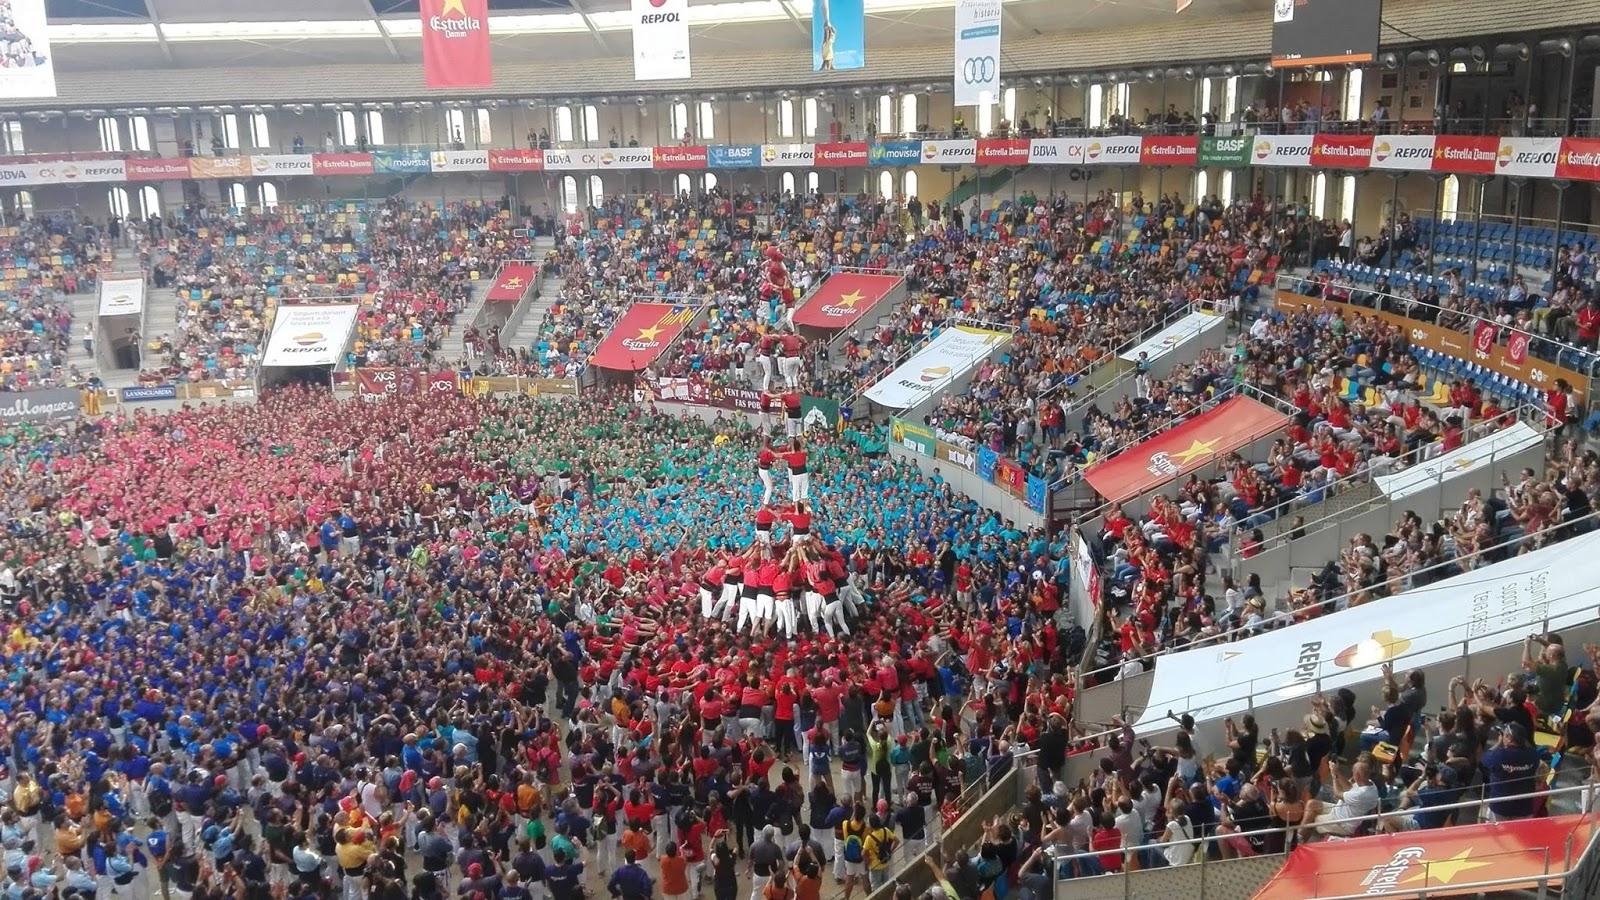 Campions de 9 pisos xicots fet casteller 1 xina for Pisos xativa 9 d octubre xativa